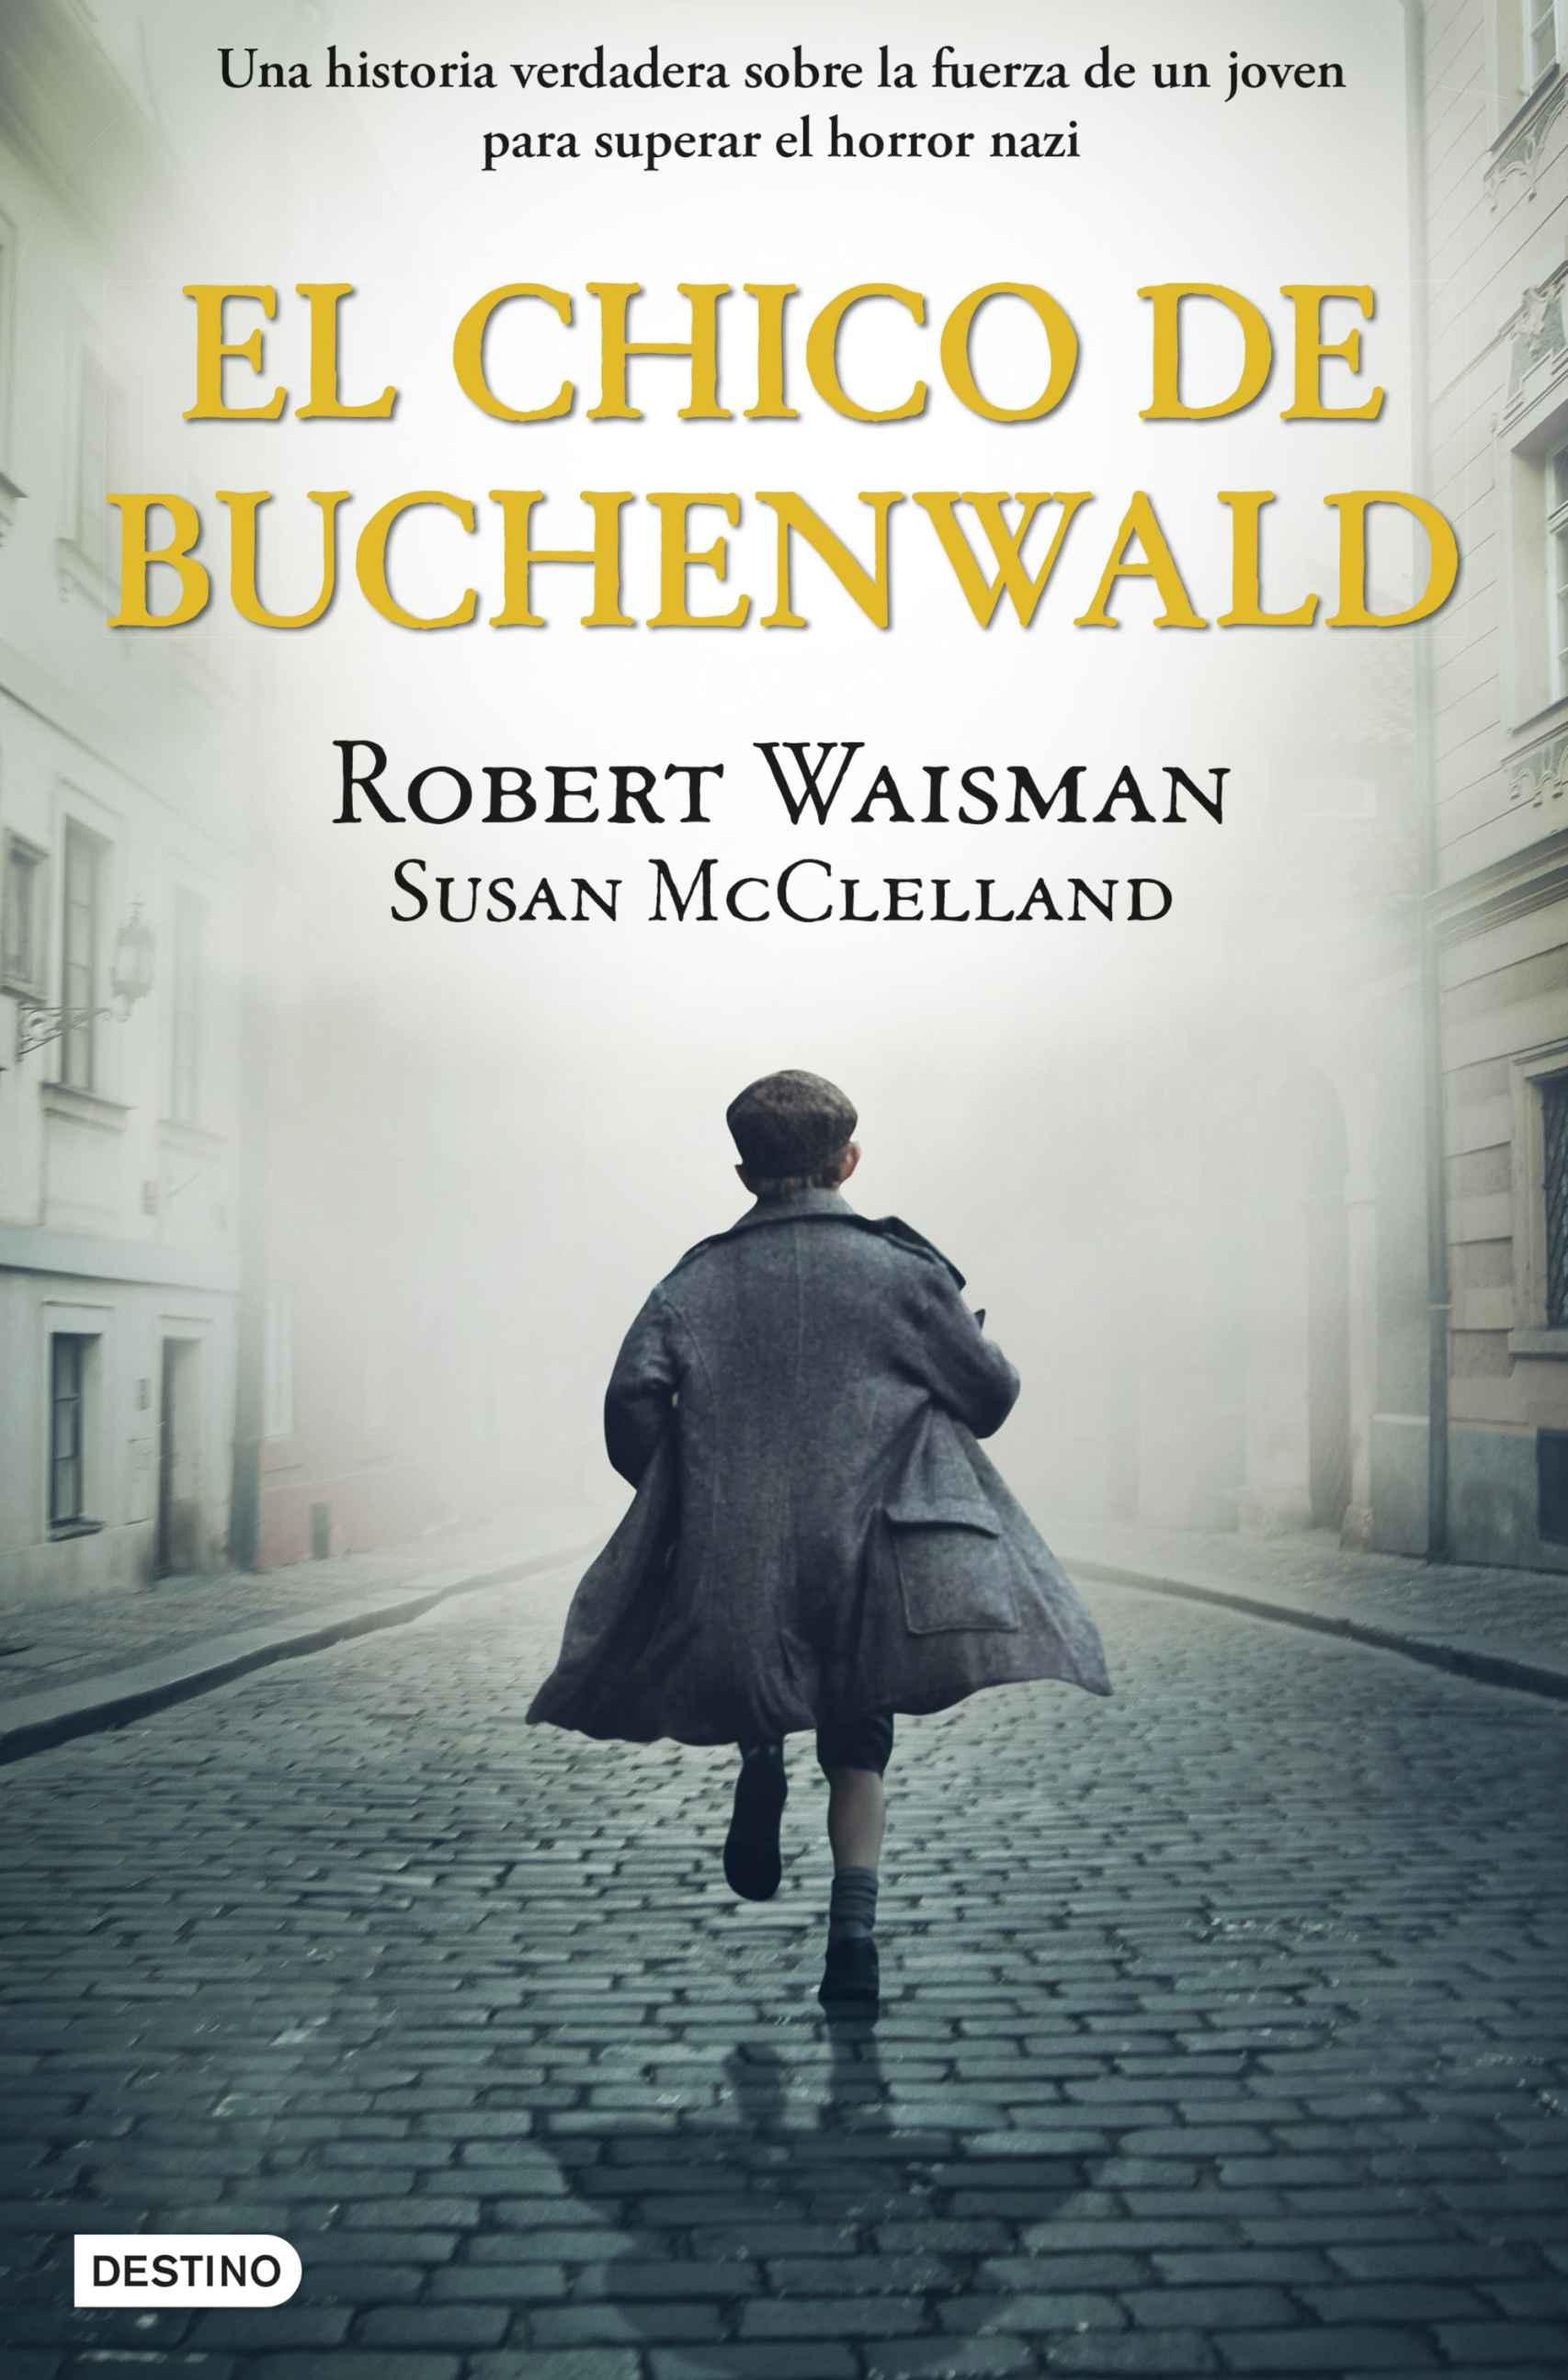 Portada de 'El chico de Buchenwald'.